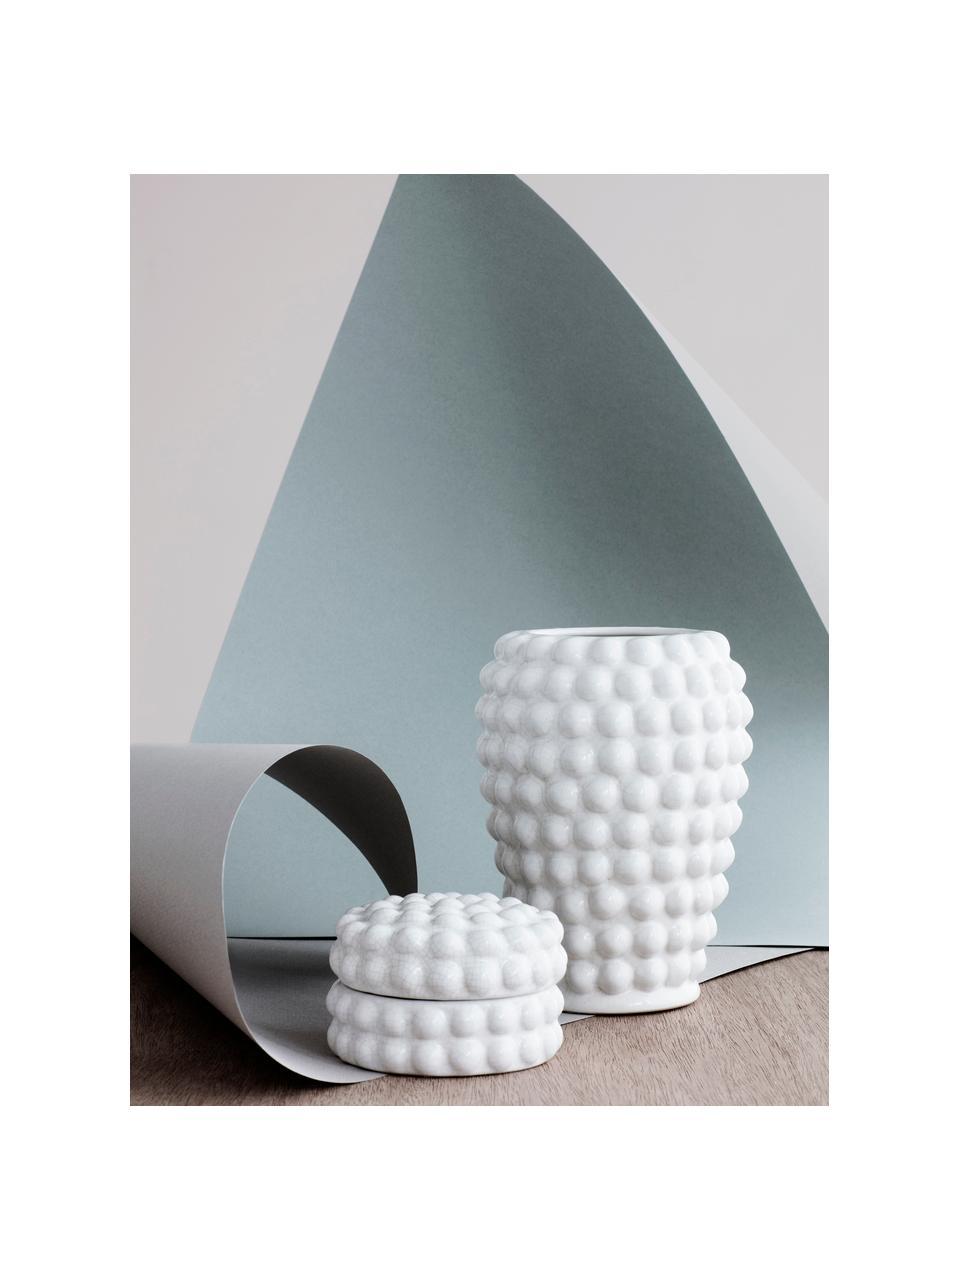 Vaso bianco decorativo Dotty, Ceramica, smaltata e non impermeabile, Avorio, Ø 14 x Alt. 20 cm